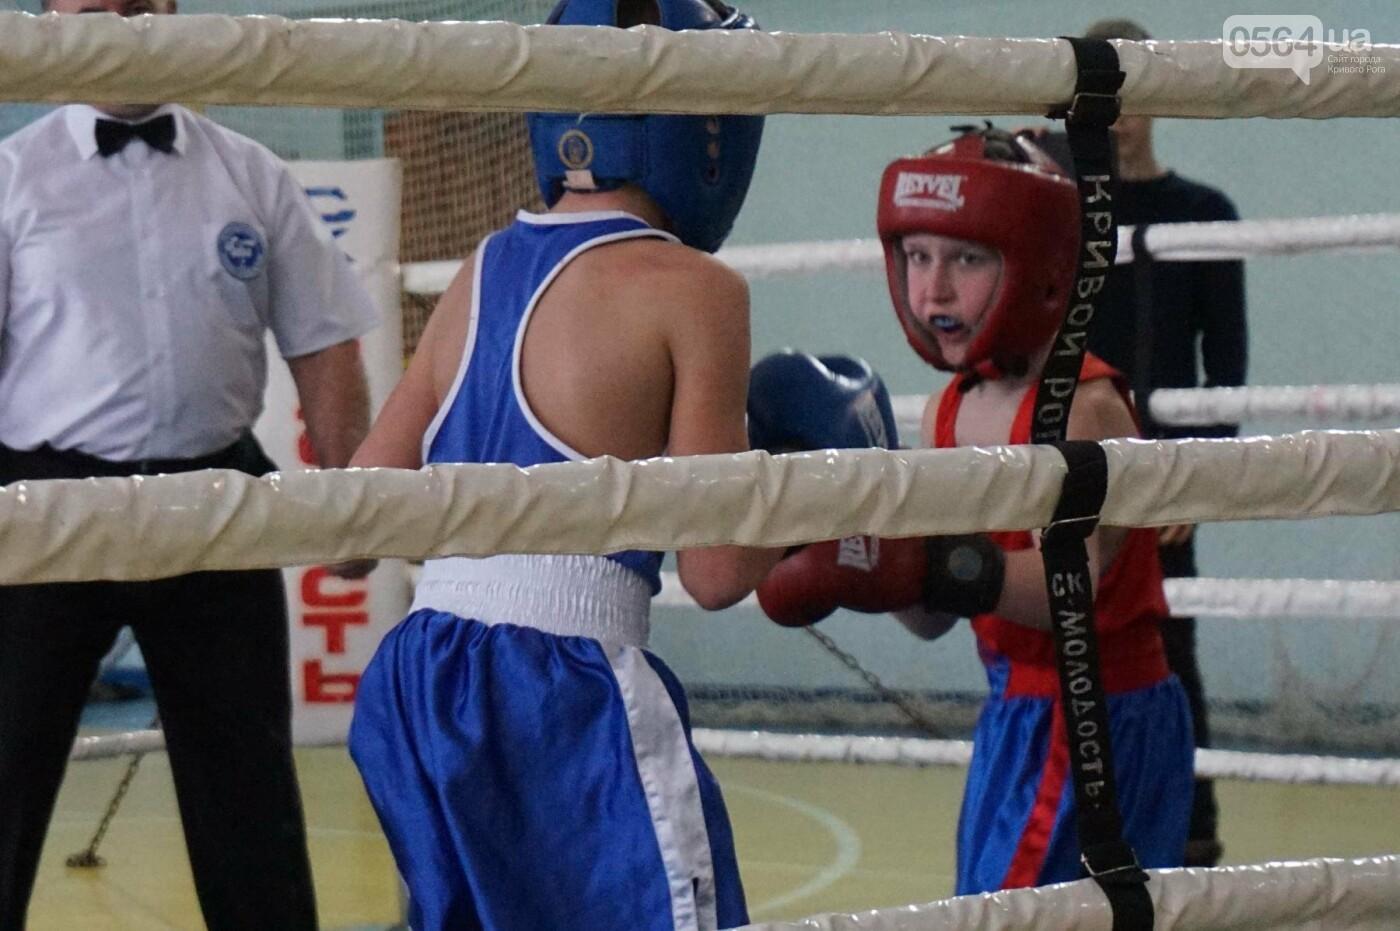 В Кривом Роге состоялся Международный турнир по боксу (ФОТО, ВИДЕО), фото-20